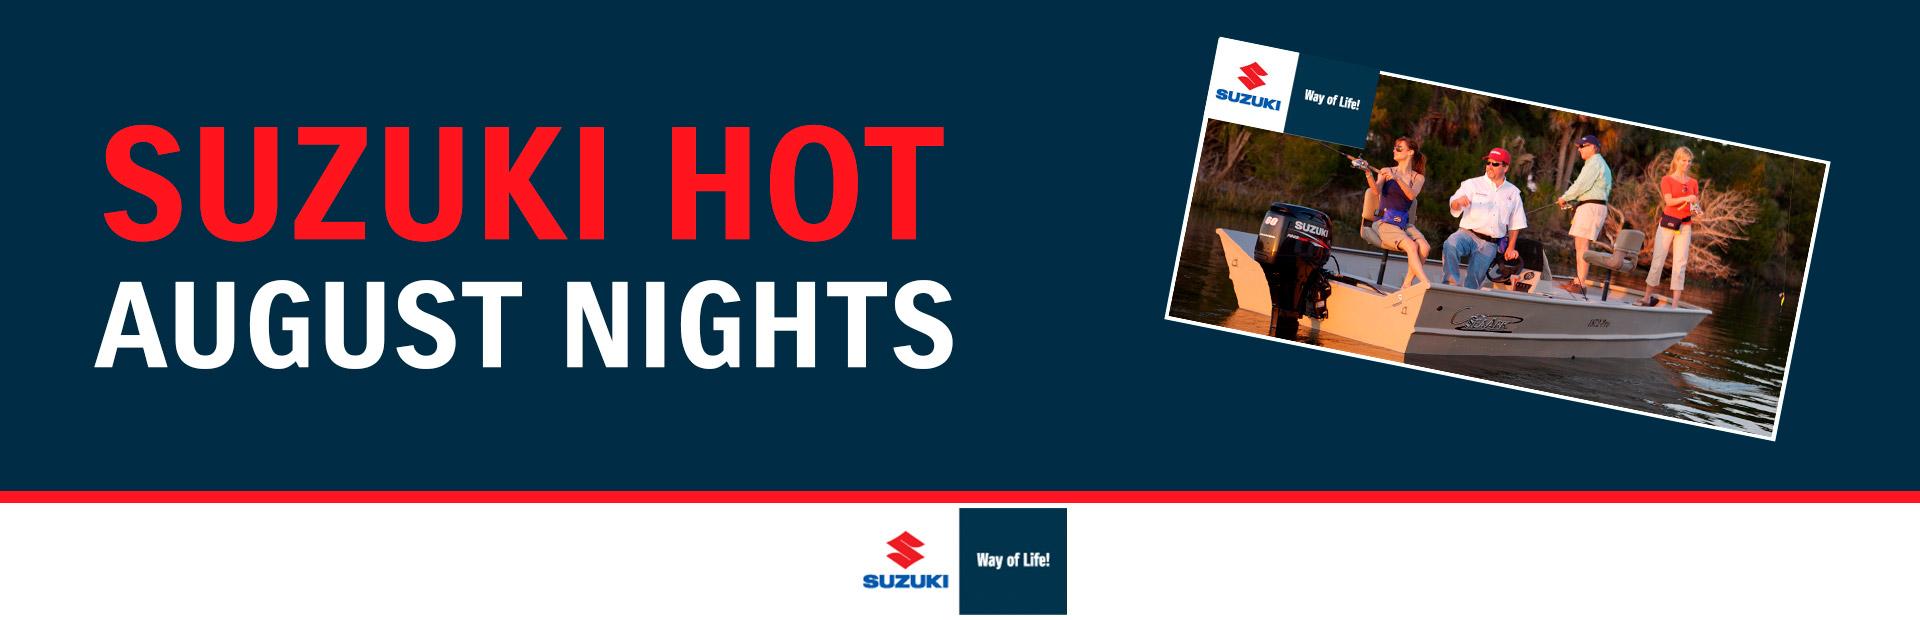 Suzuki - Suzuki Hot August Nights Ellis Marine Brunswick, GA